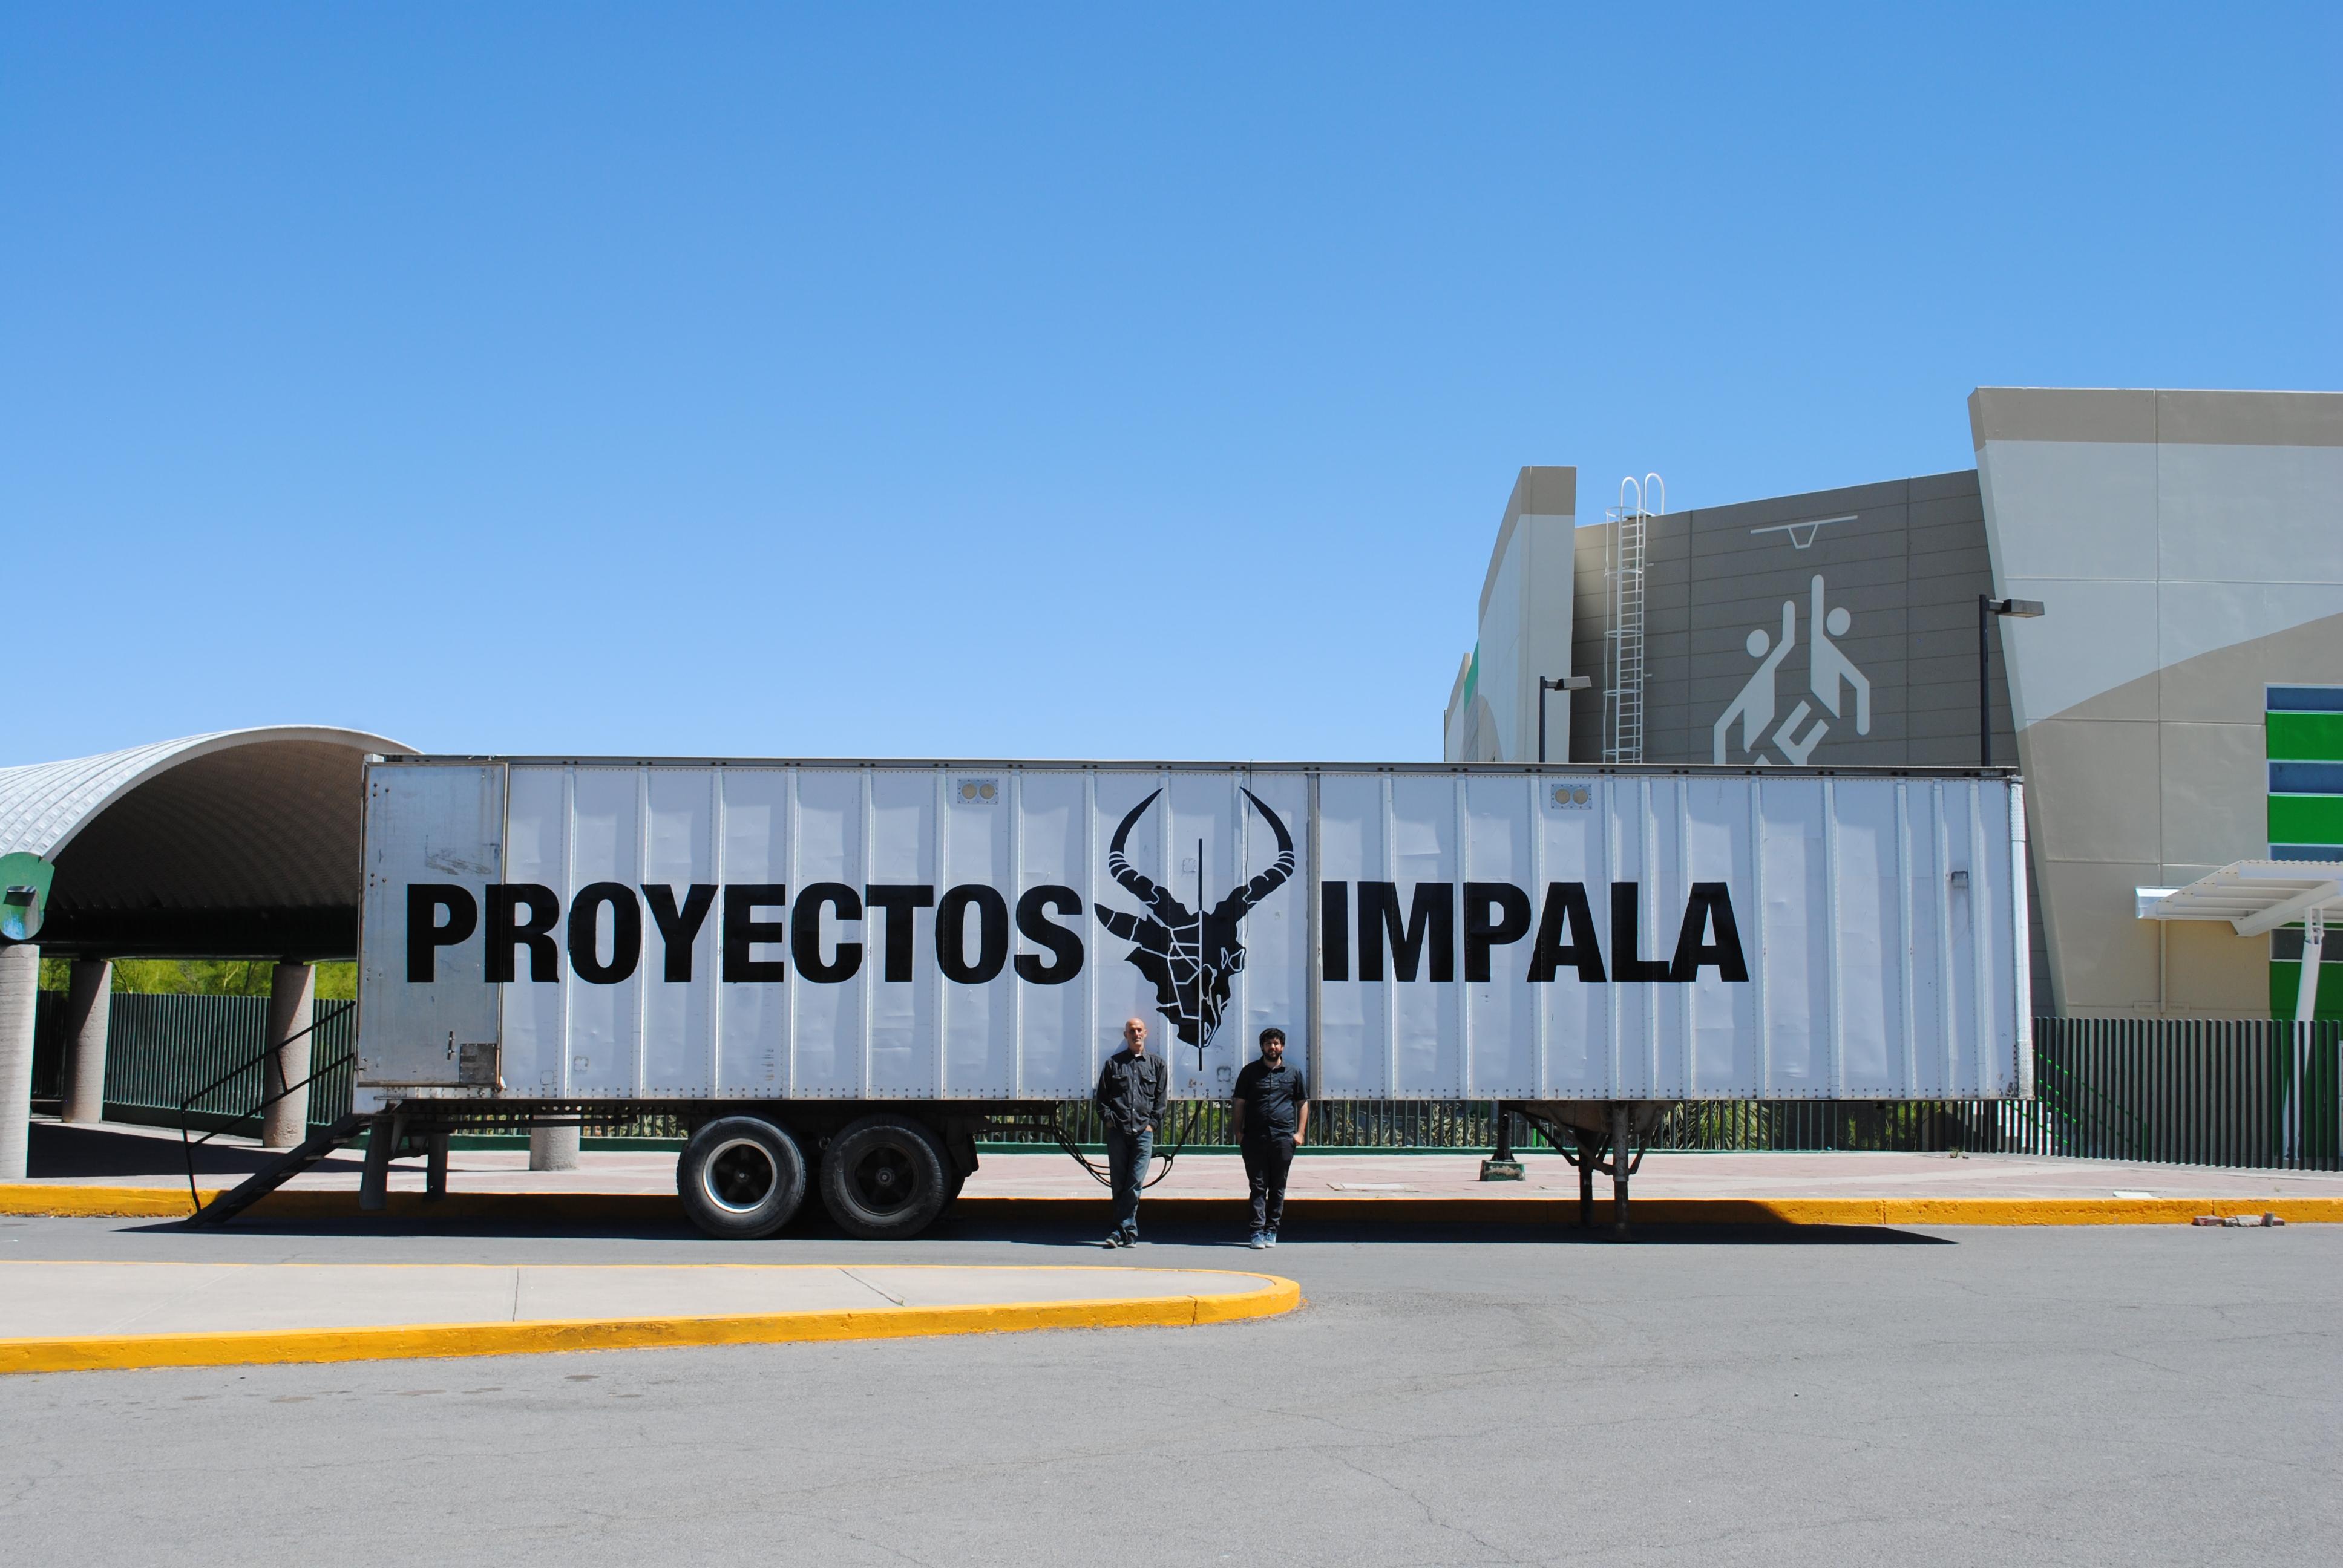 Proyectos Impala. Cortesía de la plataforma móvil